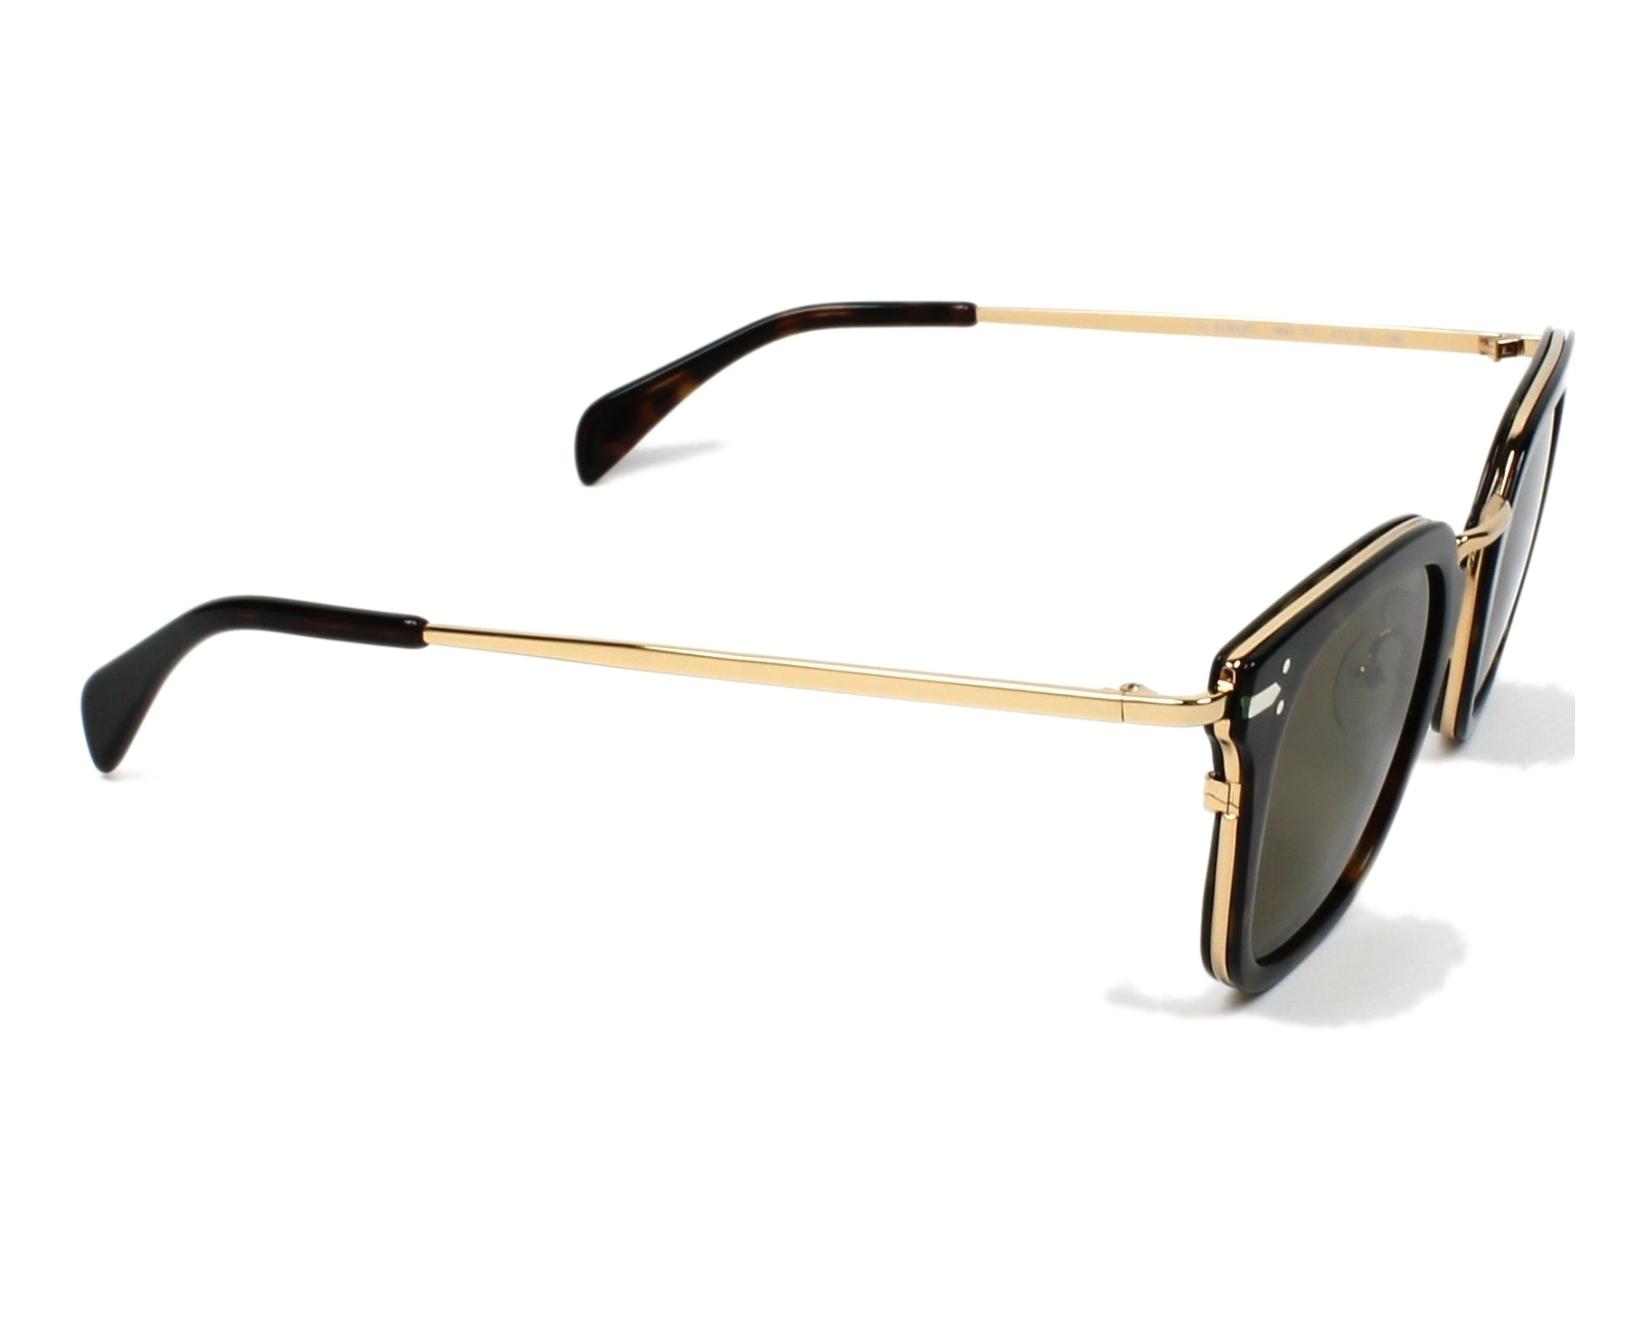 289d95f5516 Sunglasses Céline CL-41402 ANT X7 - Havana Gold side view